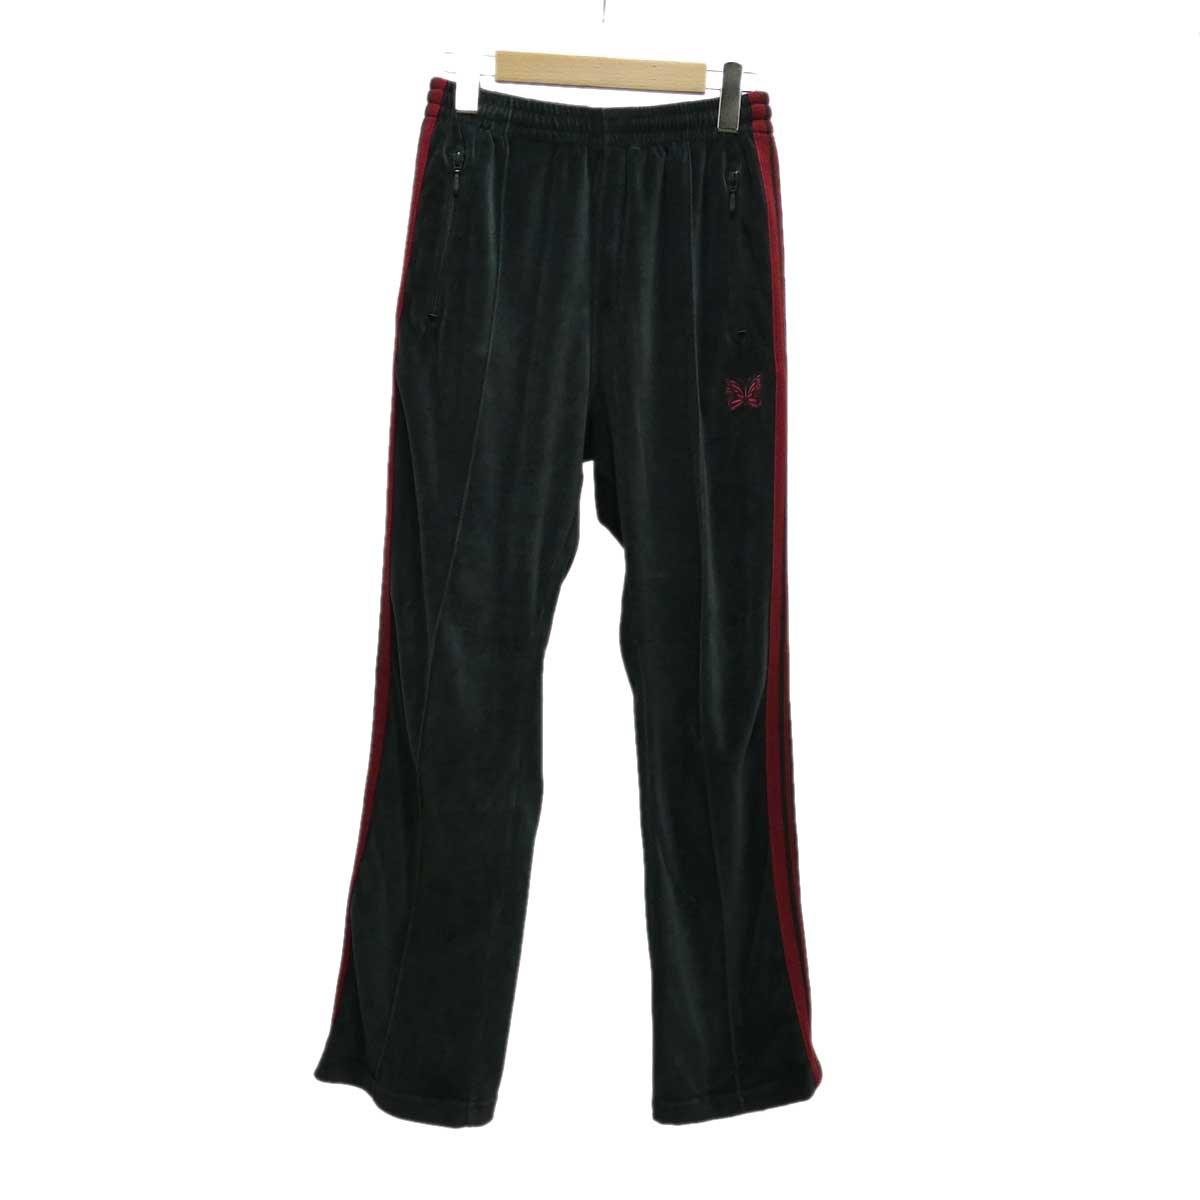 メンズファッション, ズボン・パンツ Needles Narrow Track Pants XS 140220